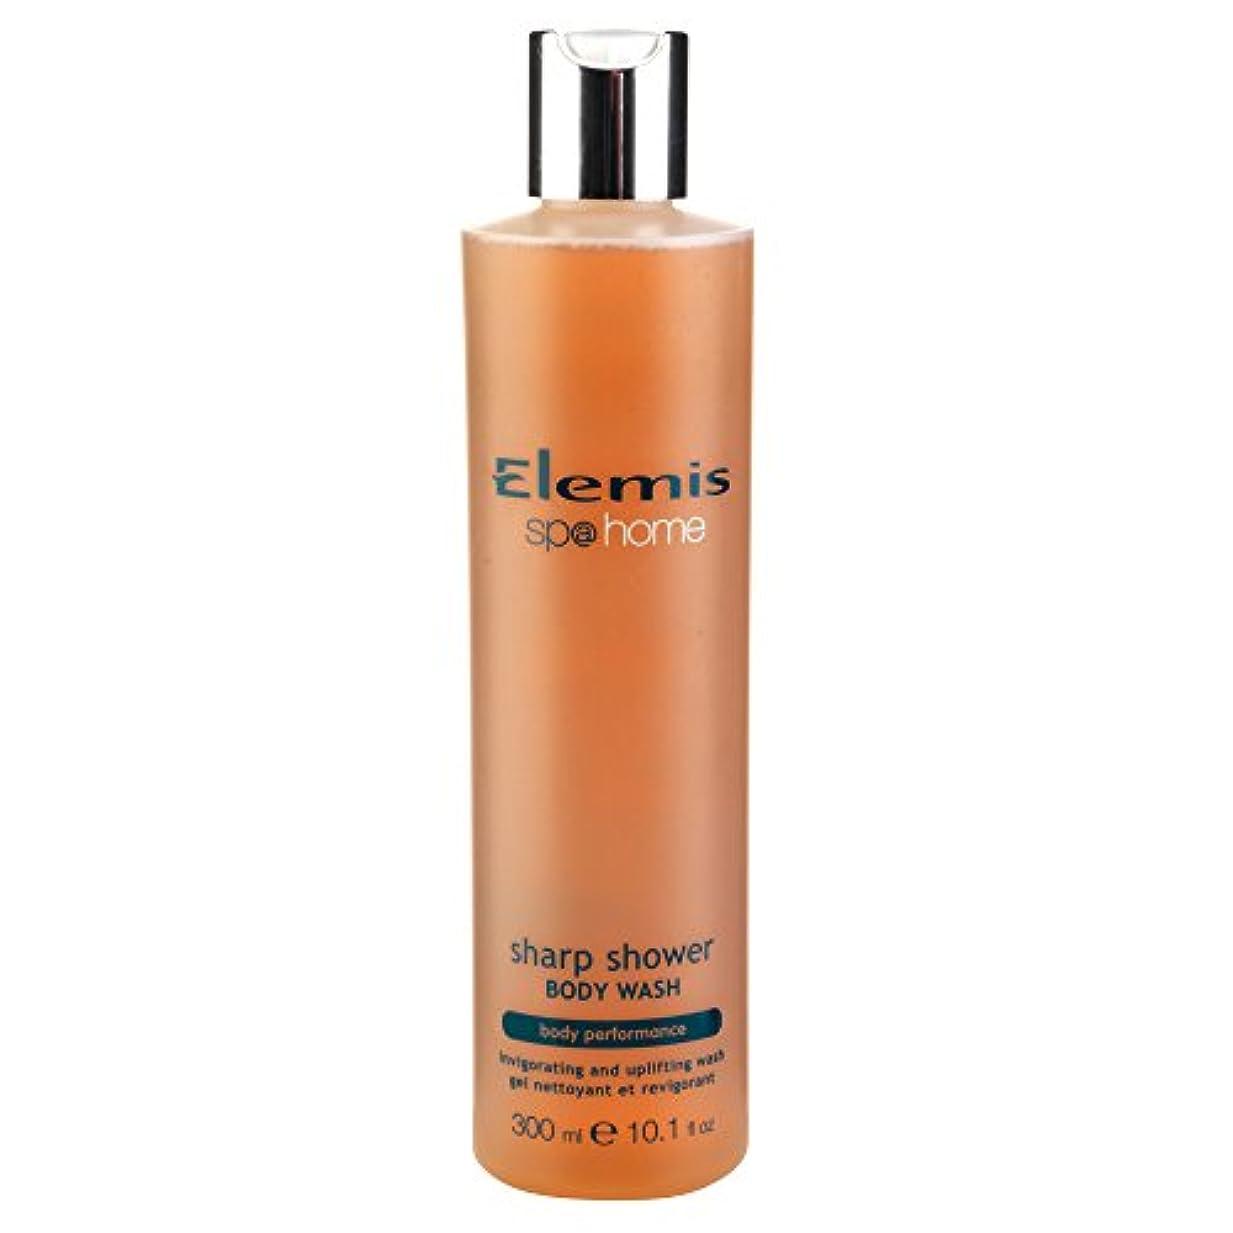 耐えられない浜辺予測子エレミスシャープシャワーボディウォッシュ300ミリリットル (Elemis) - Elemis Sharp Shower Body Wash 300ml [並行輸入品]